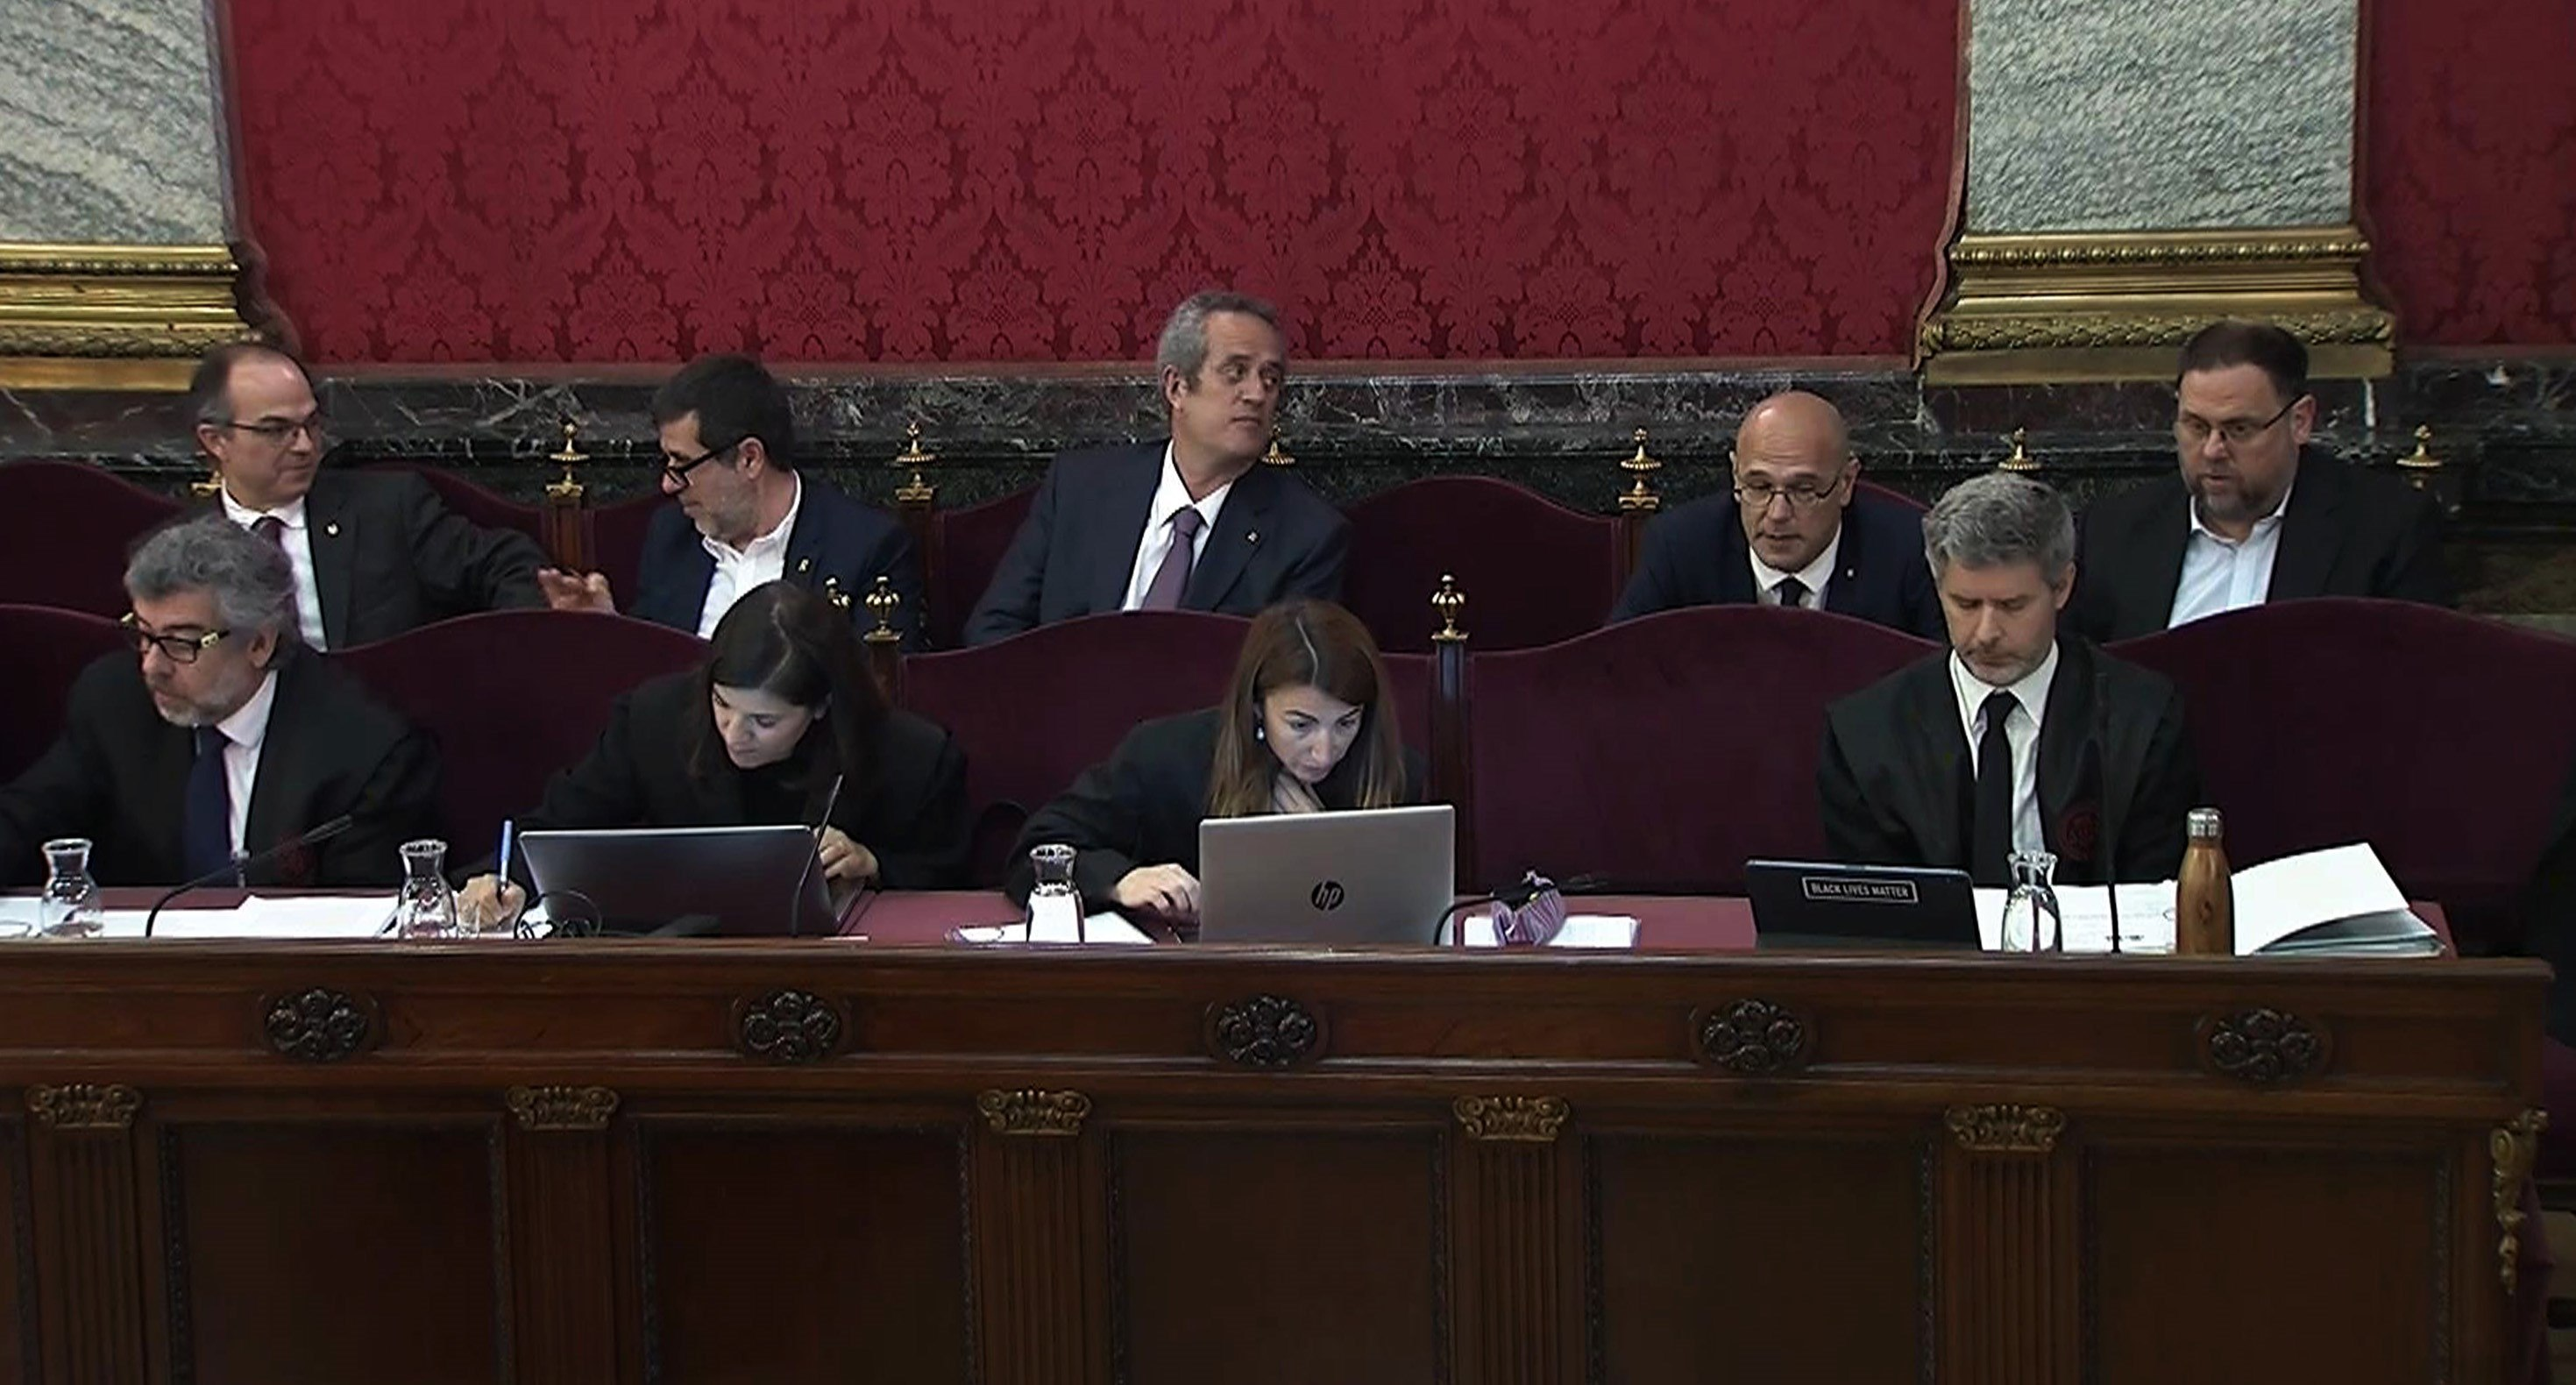 Un hecho inédito en las Cortes: los presos del 'procés', en furgón y custodiados para recoger el acta